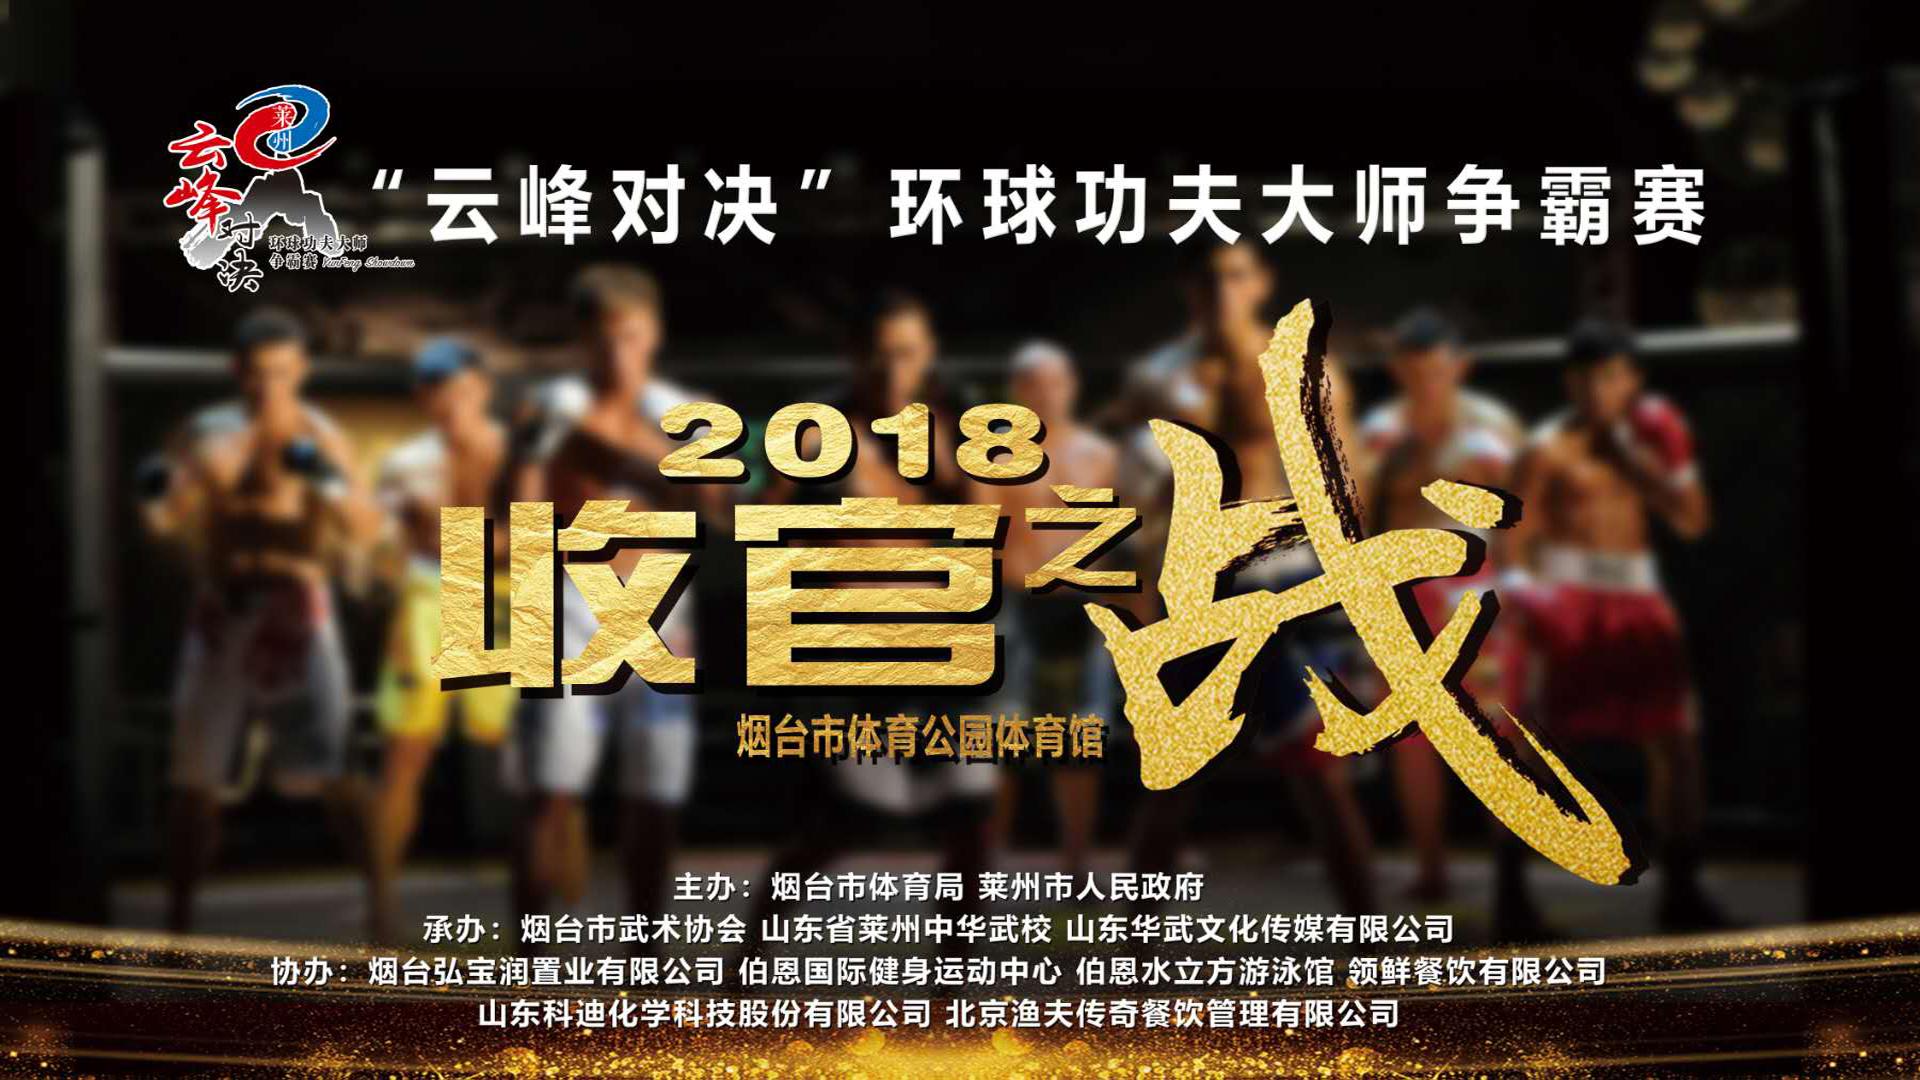 2018年12月29日云峰对决烟台站 - 直播[视频] 王赛领衔